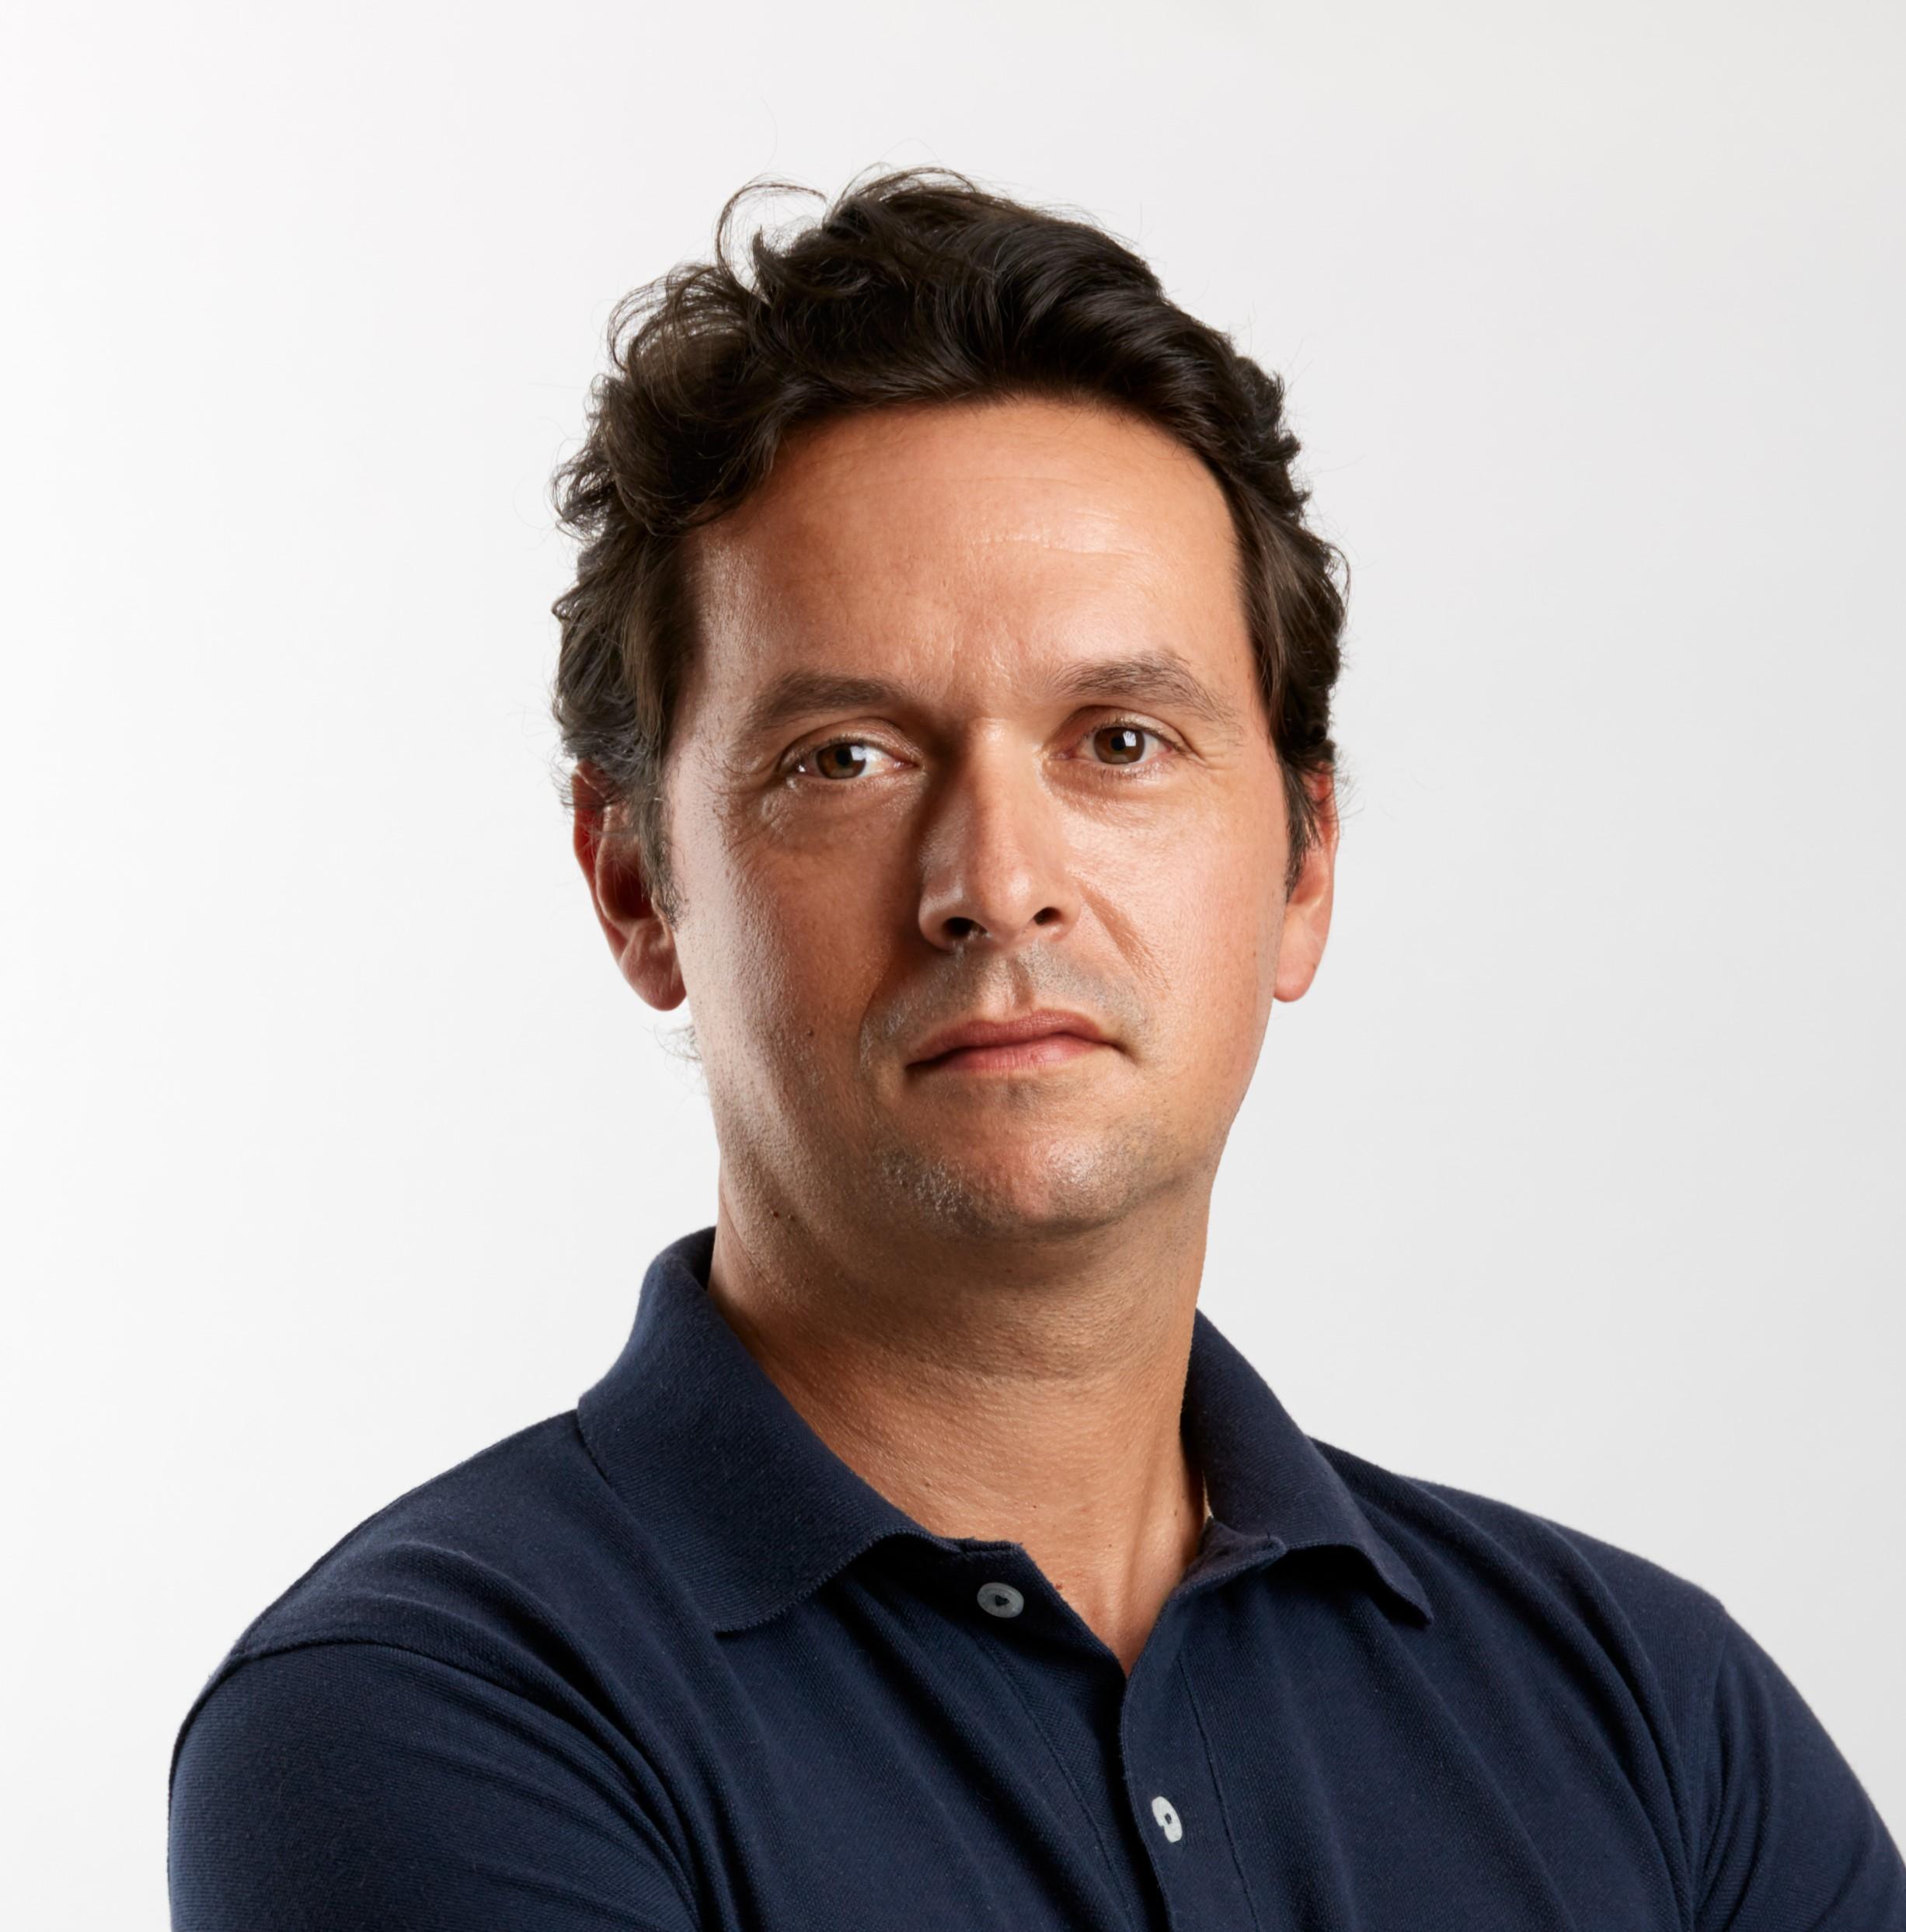 Ricardo Balbeira